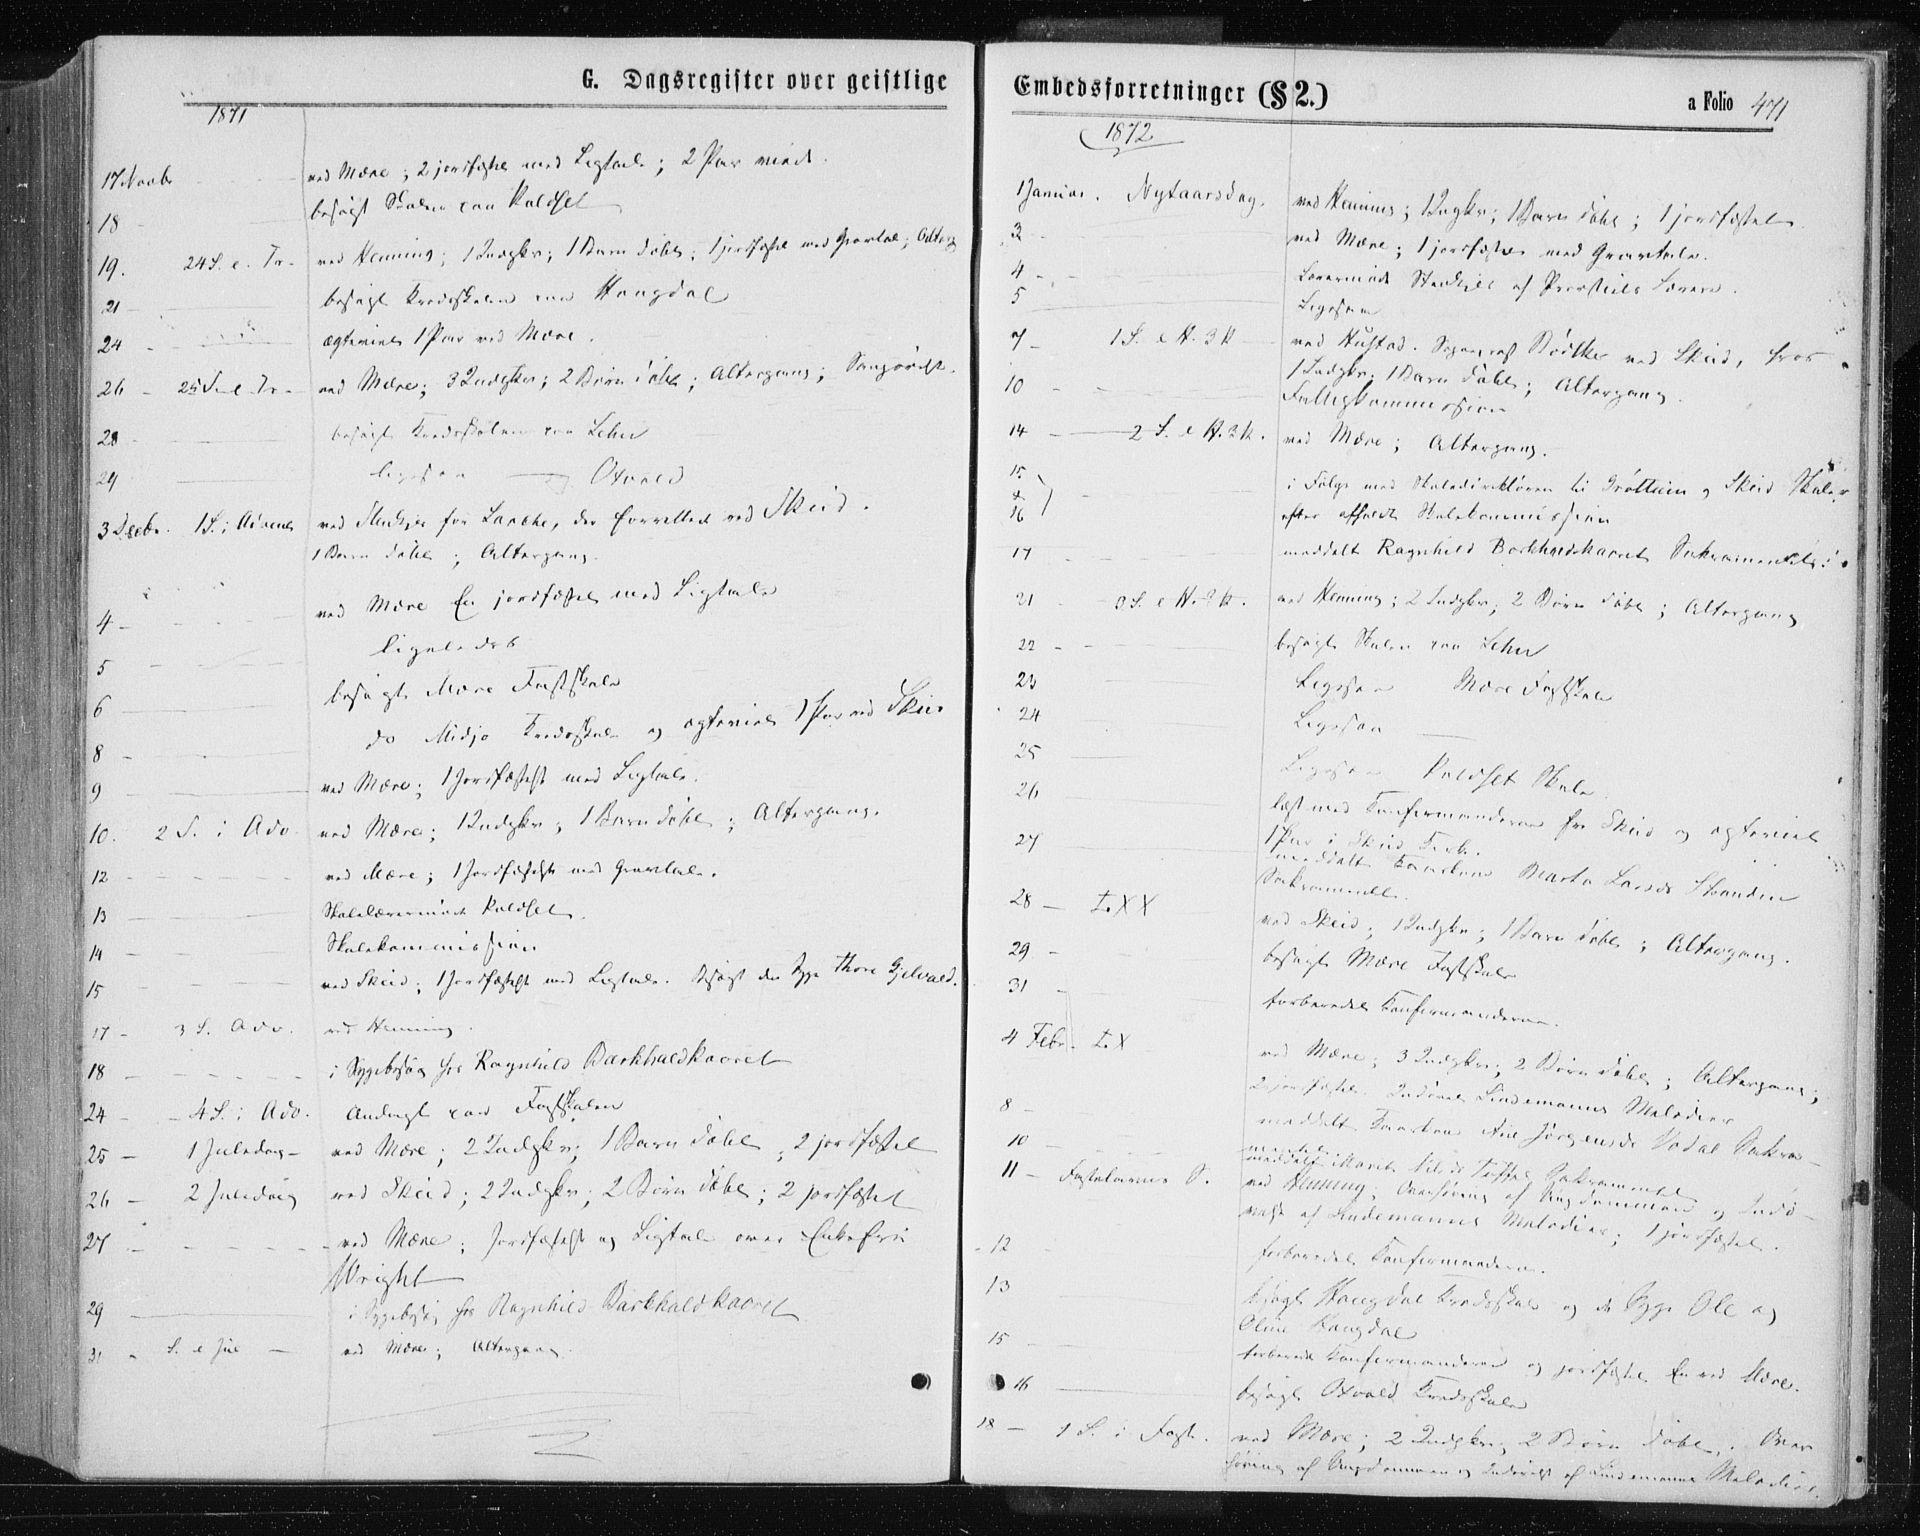 SAT, Ministerialprotokoller, klokkerbøker og fødselsregistre - Nord-Trøndelag, 735/L0345: Ministerialbok nr. 735A08 /1, 1863-1872, s. 471